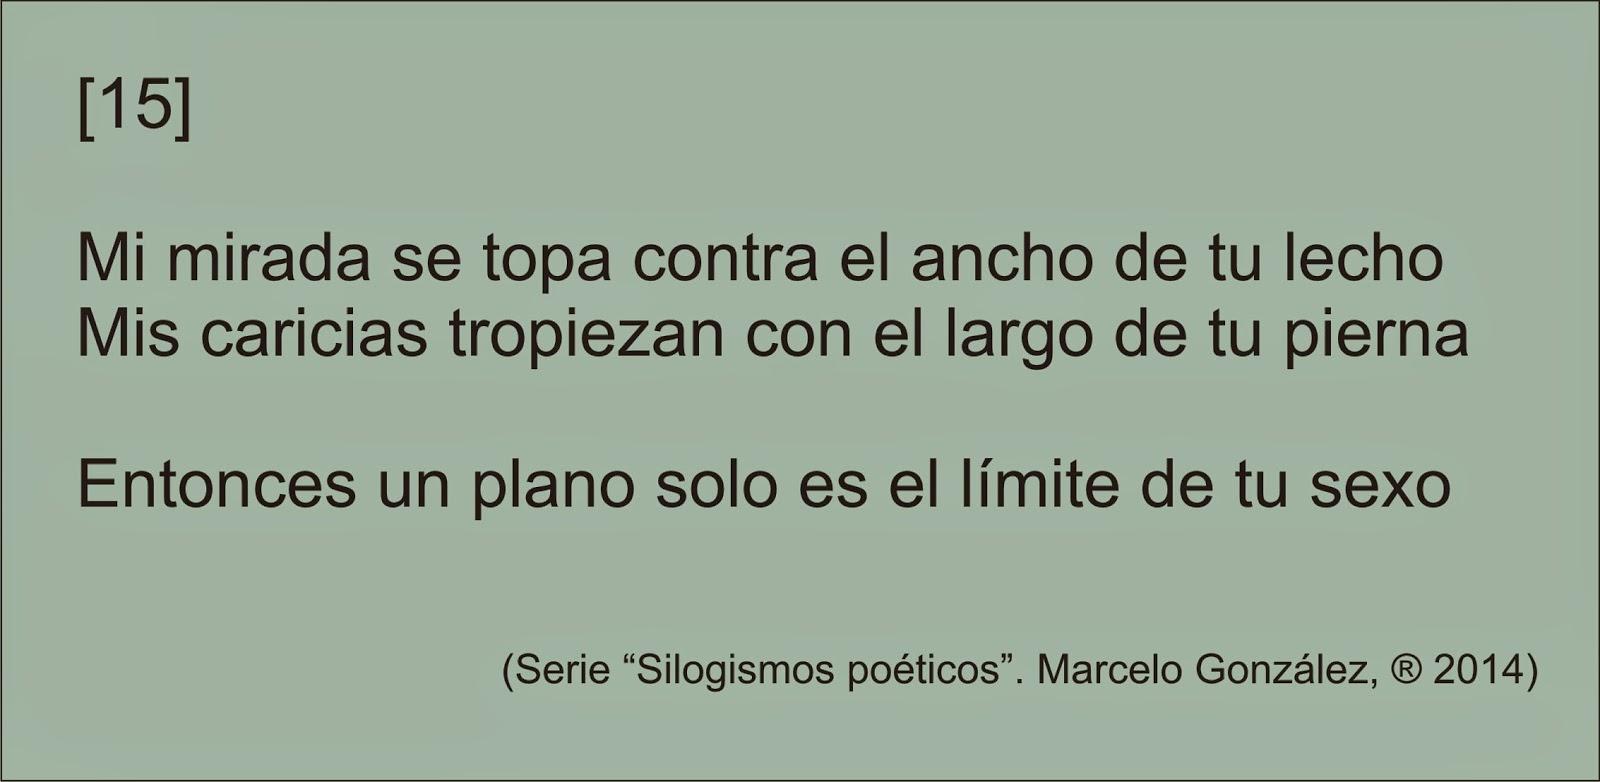 Poesía imaginacionista - Blog Literario: SILOGISMOS POÉTICOS - Nueva ...